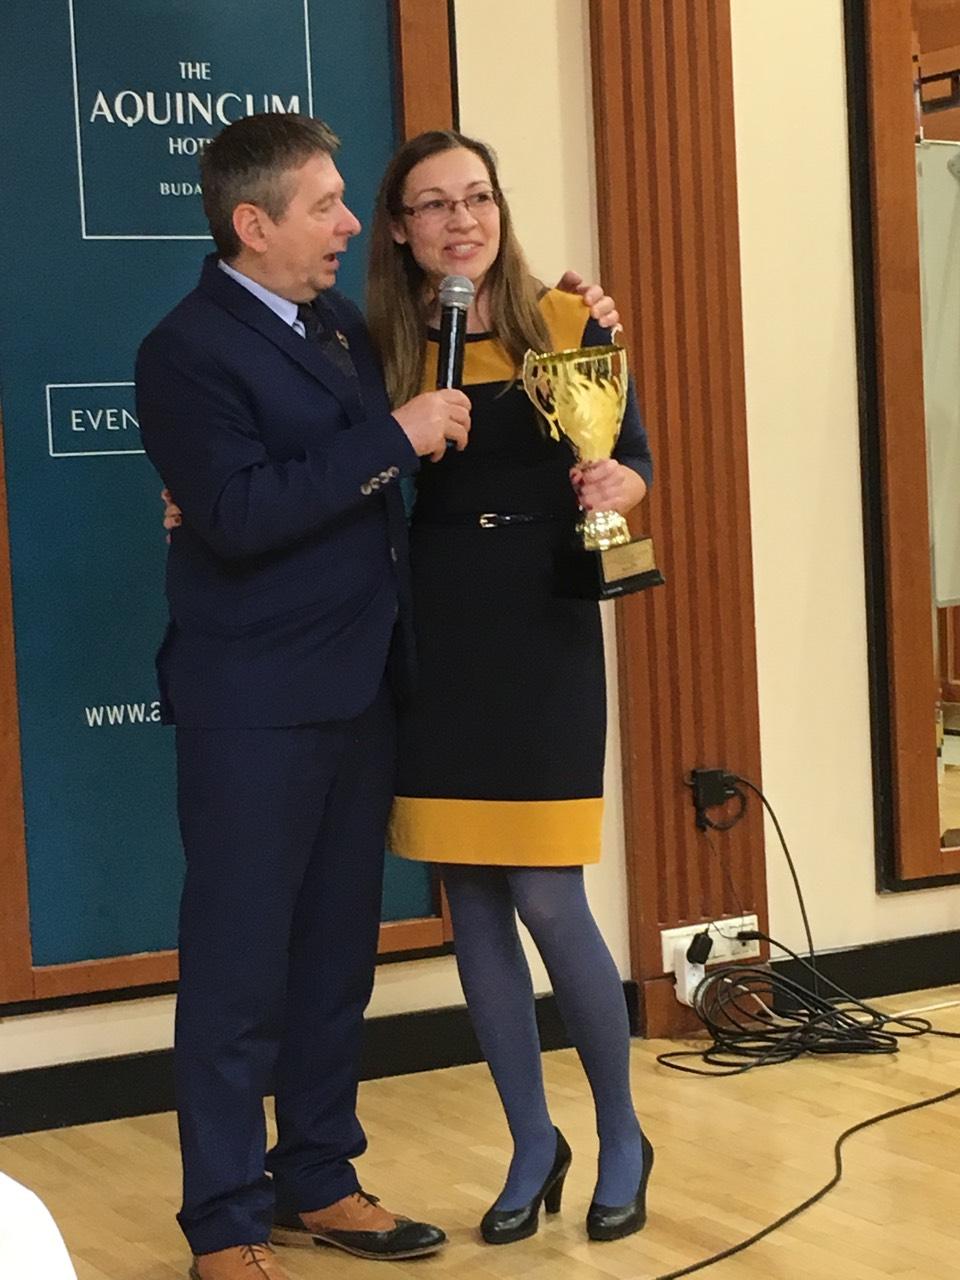 A Ferenczy-kupát decemberben Pálfi Rita érdemelte ki, Ferenczy László Arany Hálózatigazgató, ágvezető gratulált neki a színpadon